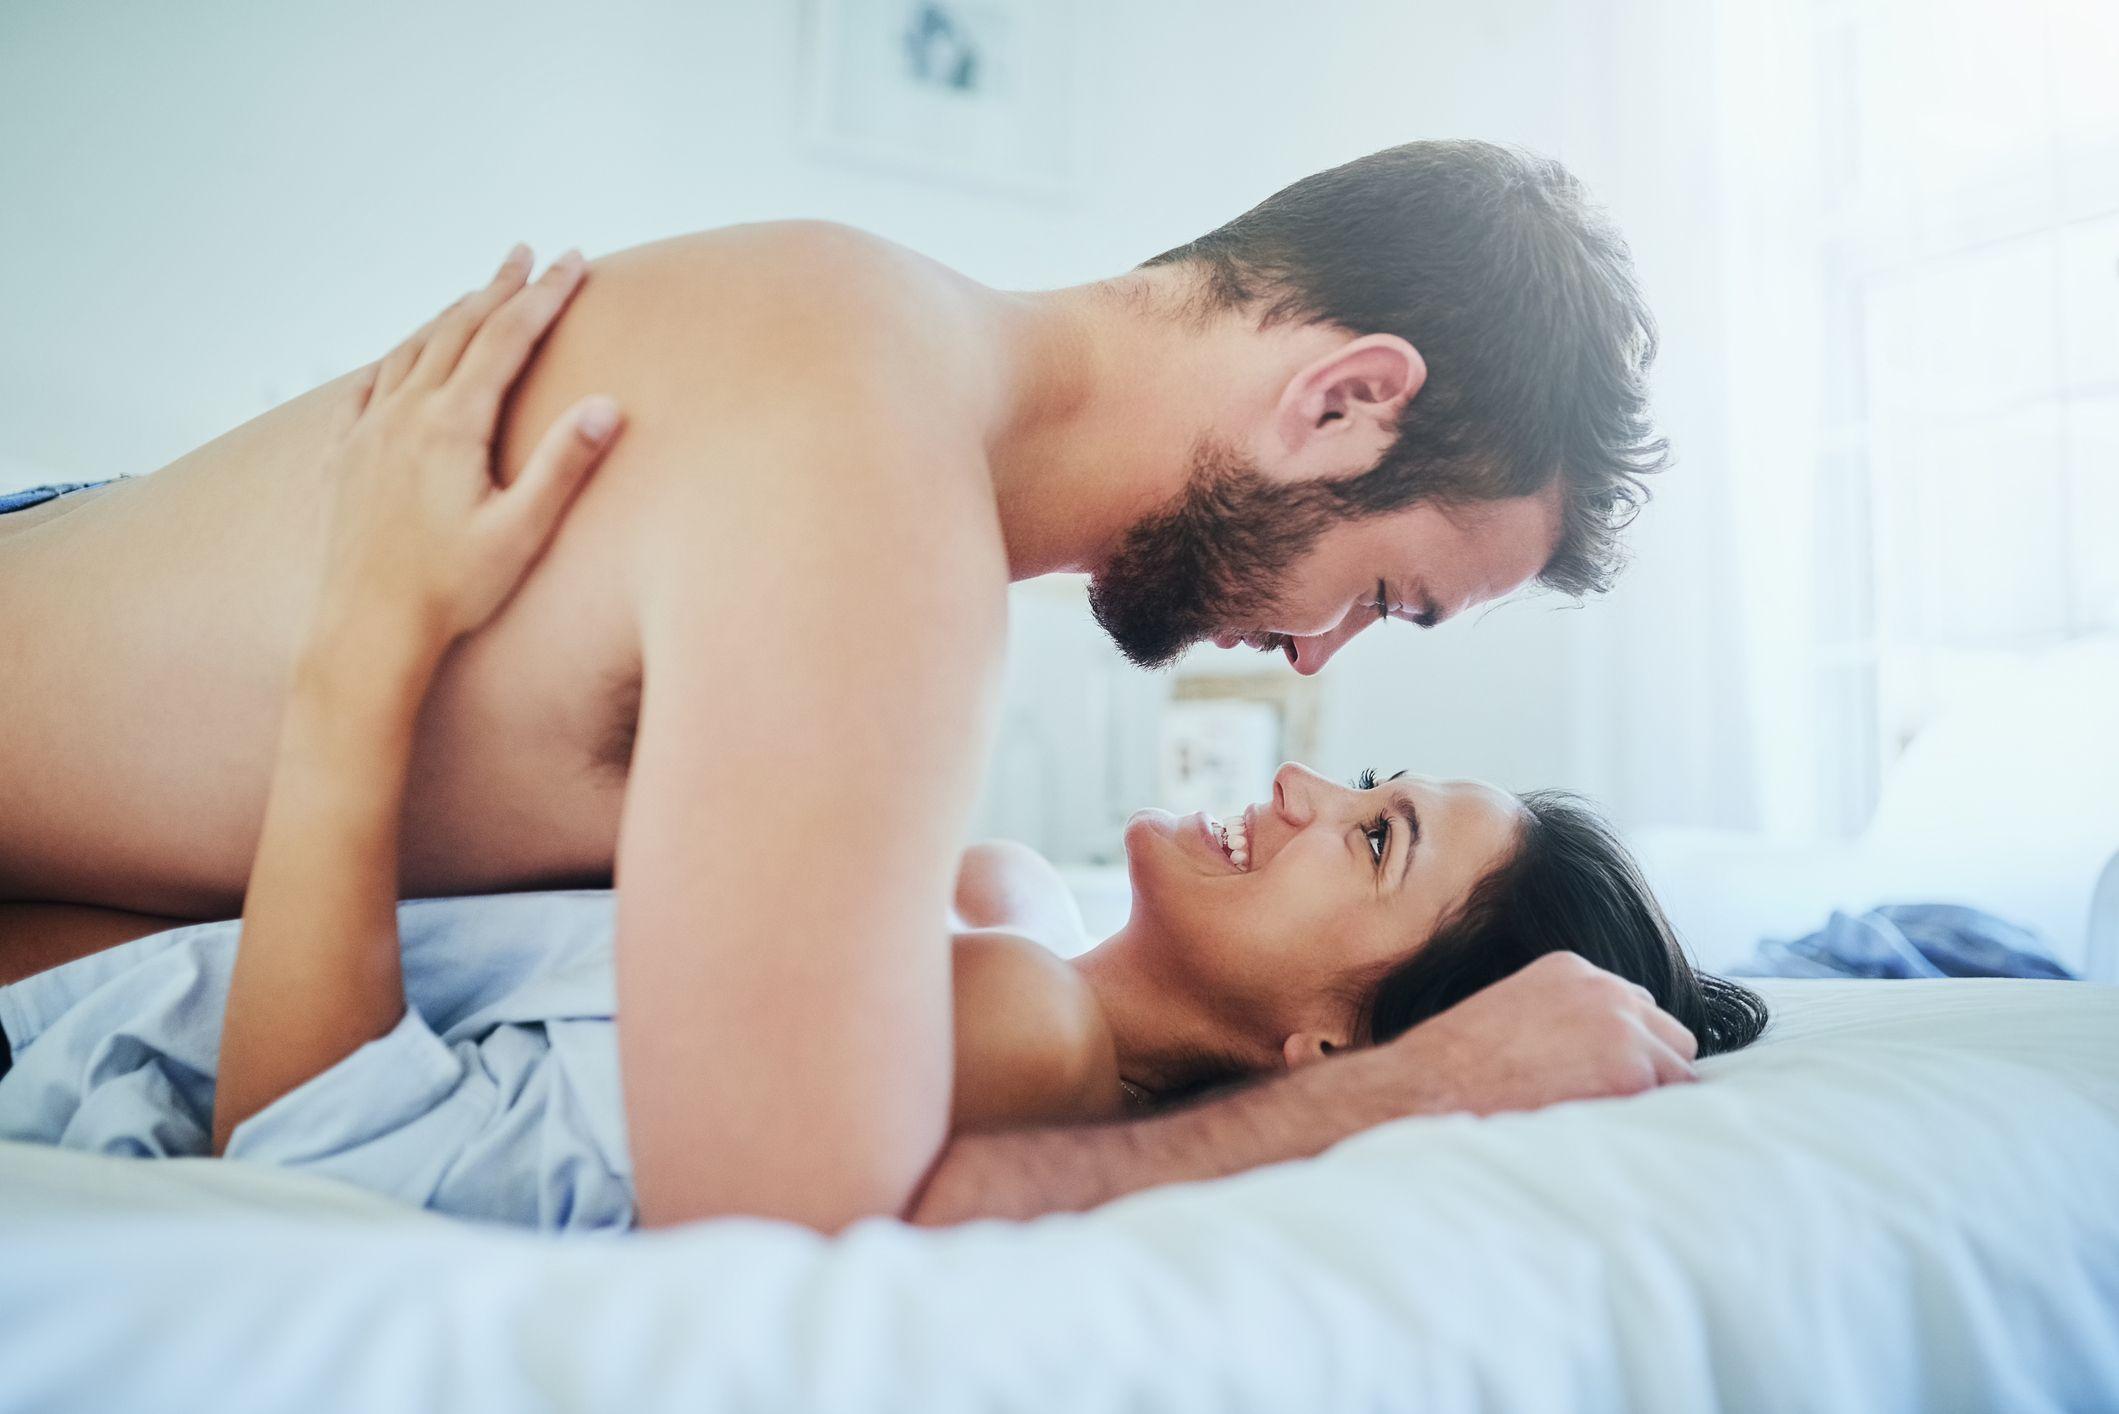 Jana mrazkova masturbation